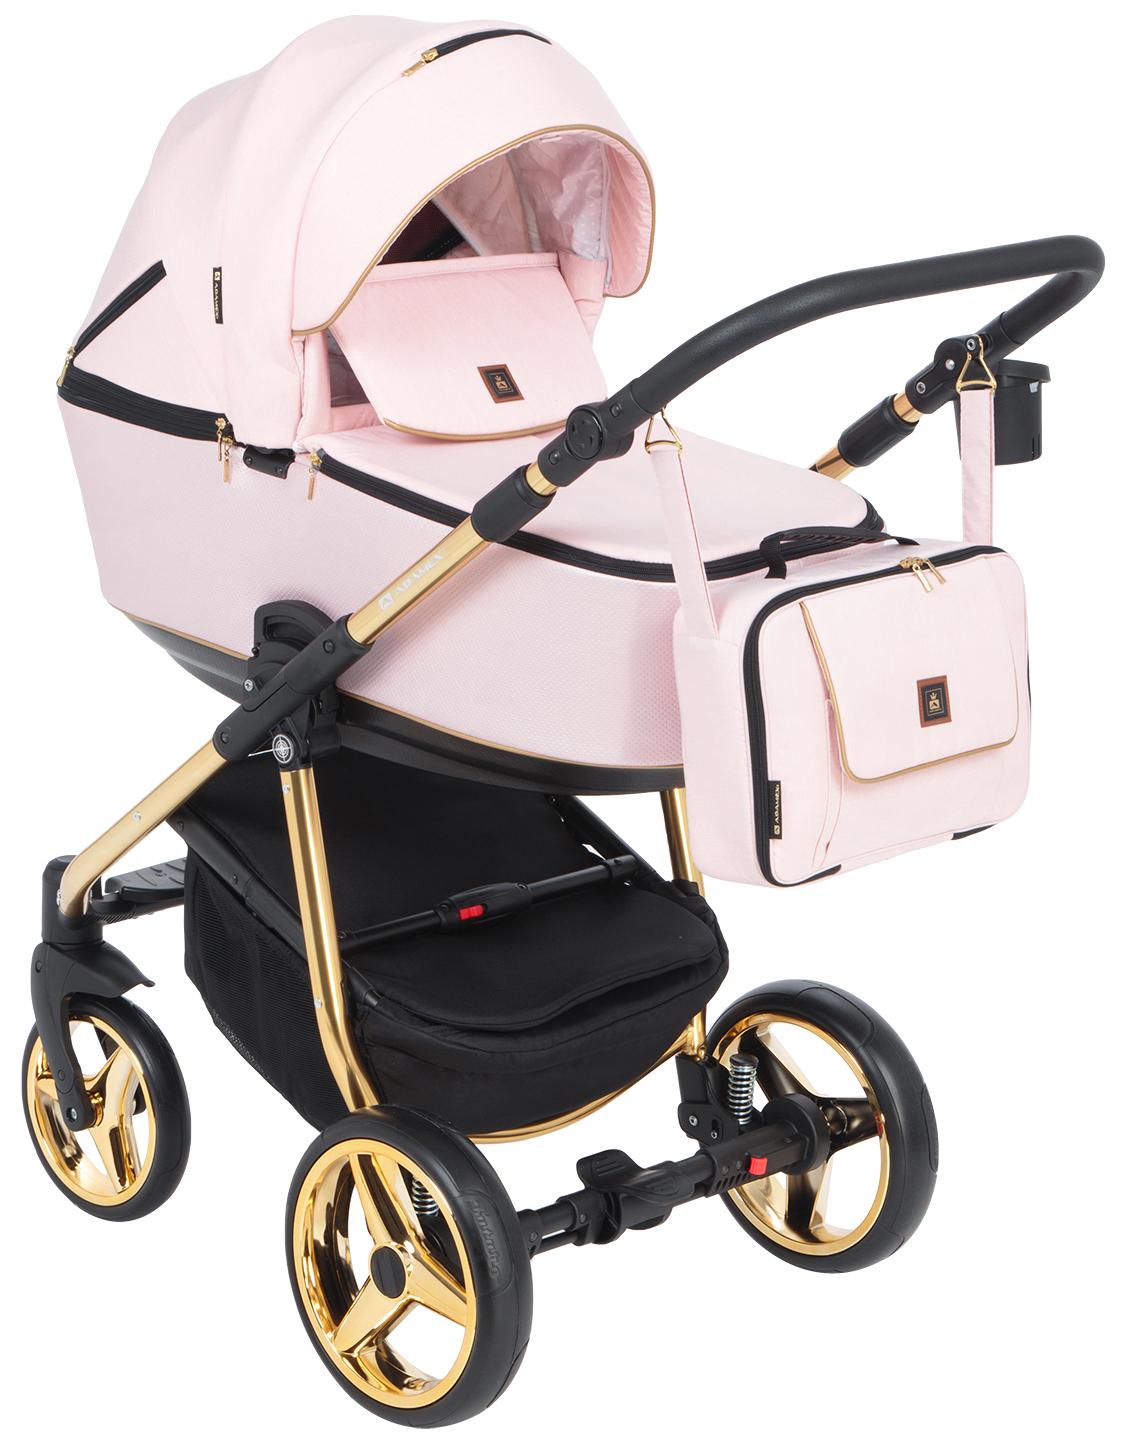 Купить Коляска 3 в 1 Adamex Barcelona special edition BR-418 цвет пудровый, Детские коляски 3 в 1